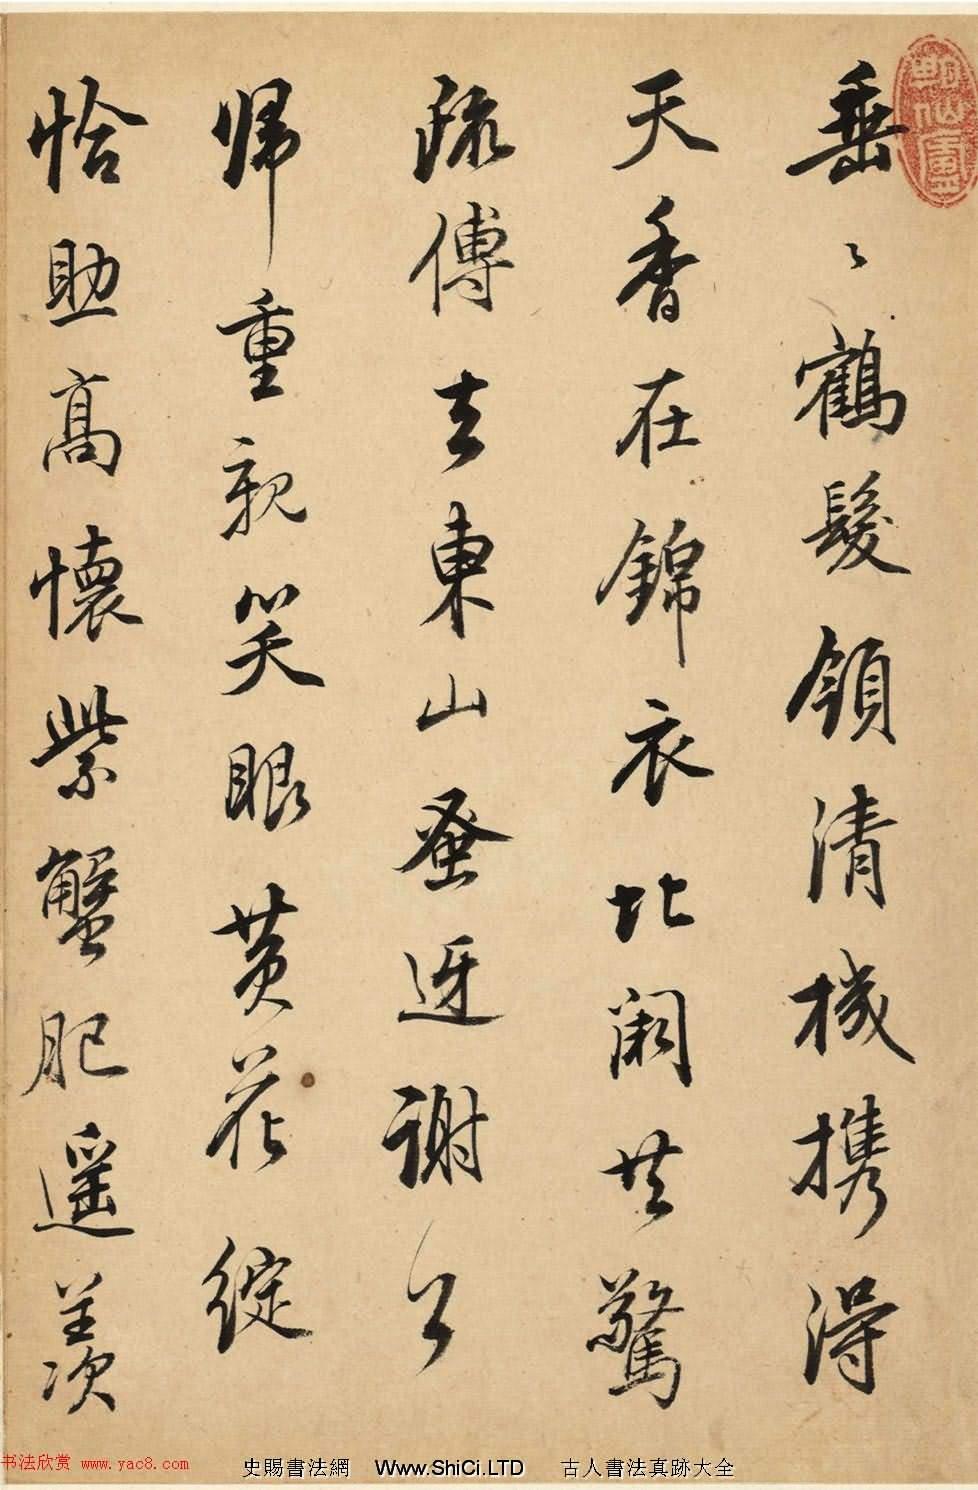 婁東畫派領袖王原祁手札墨跡(共6張圖片)